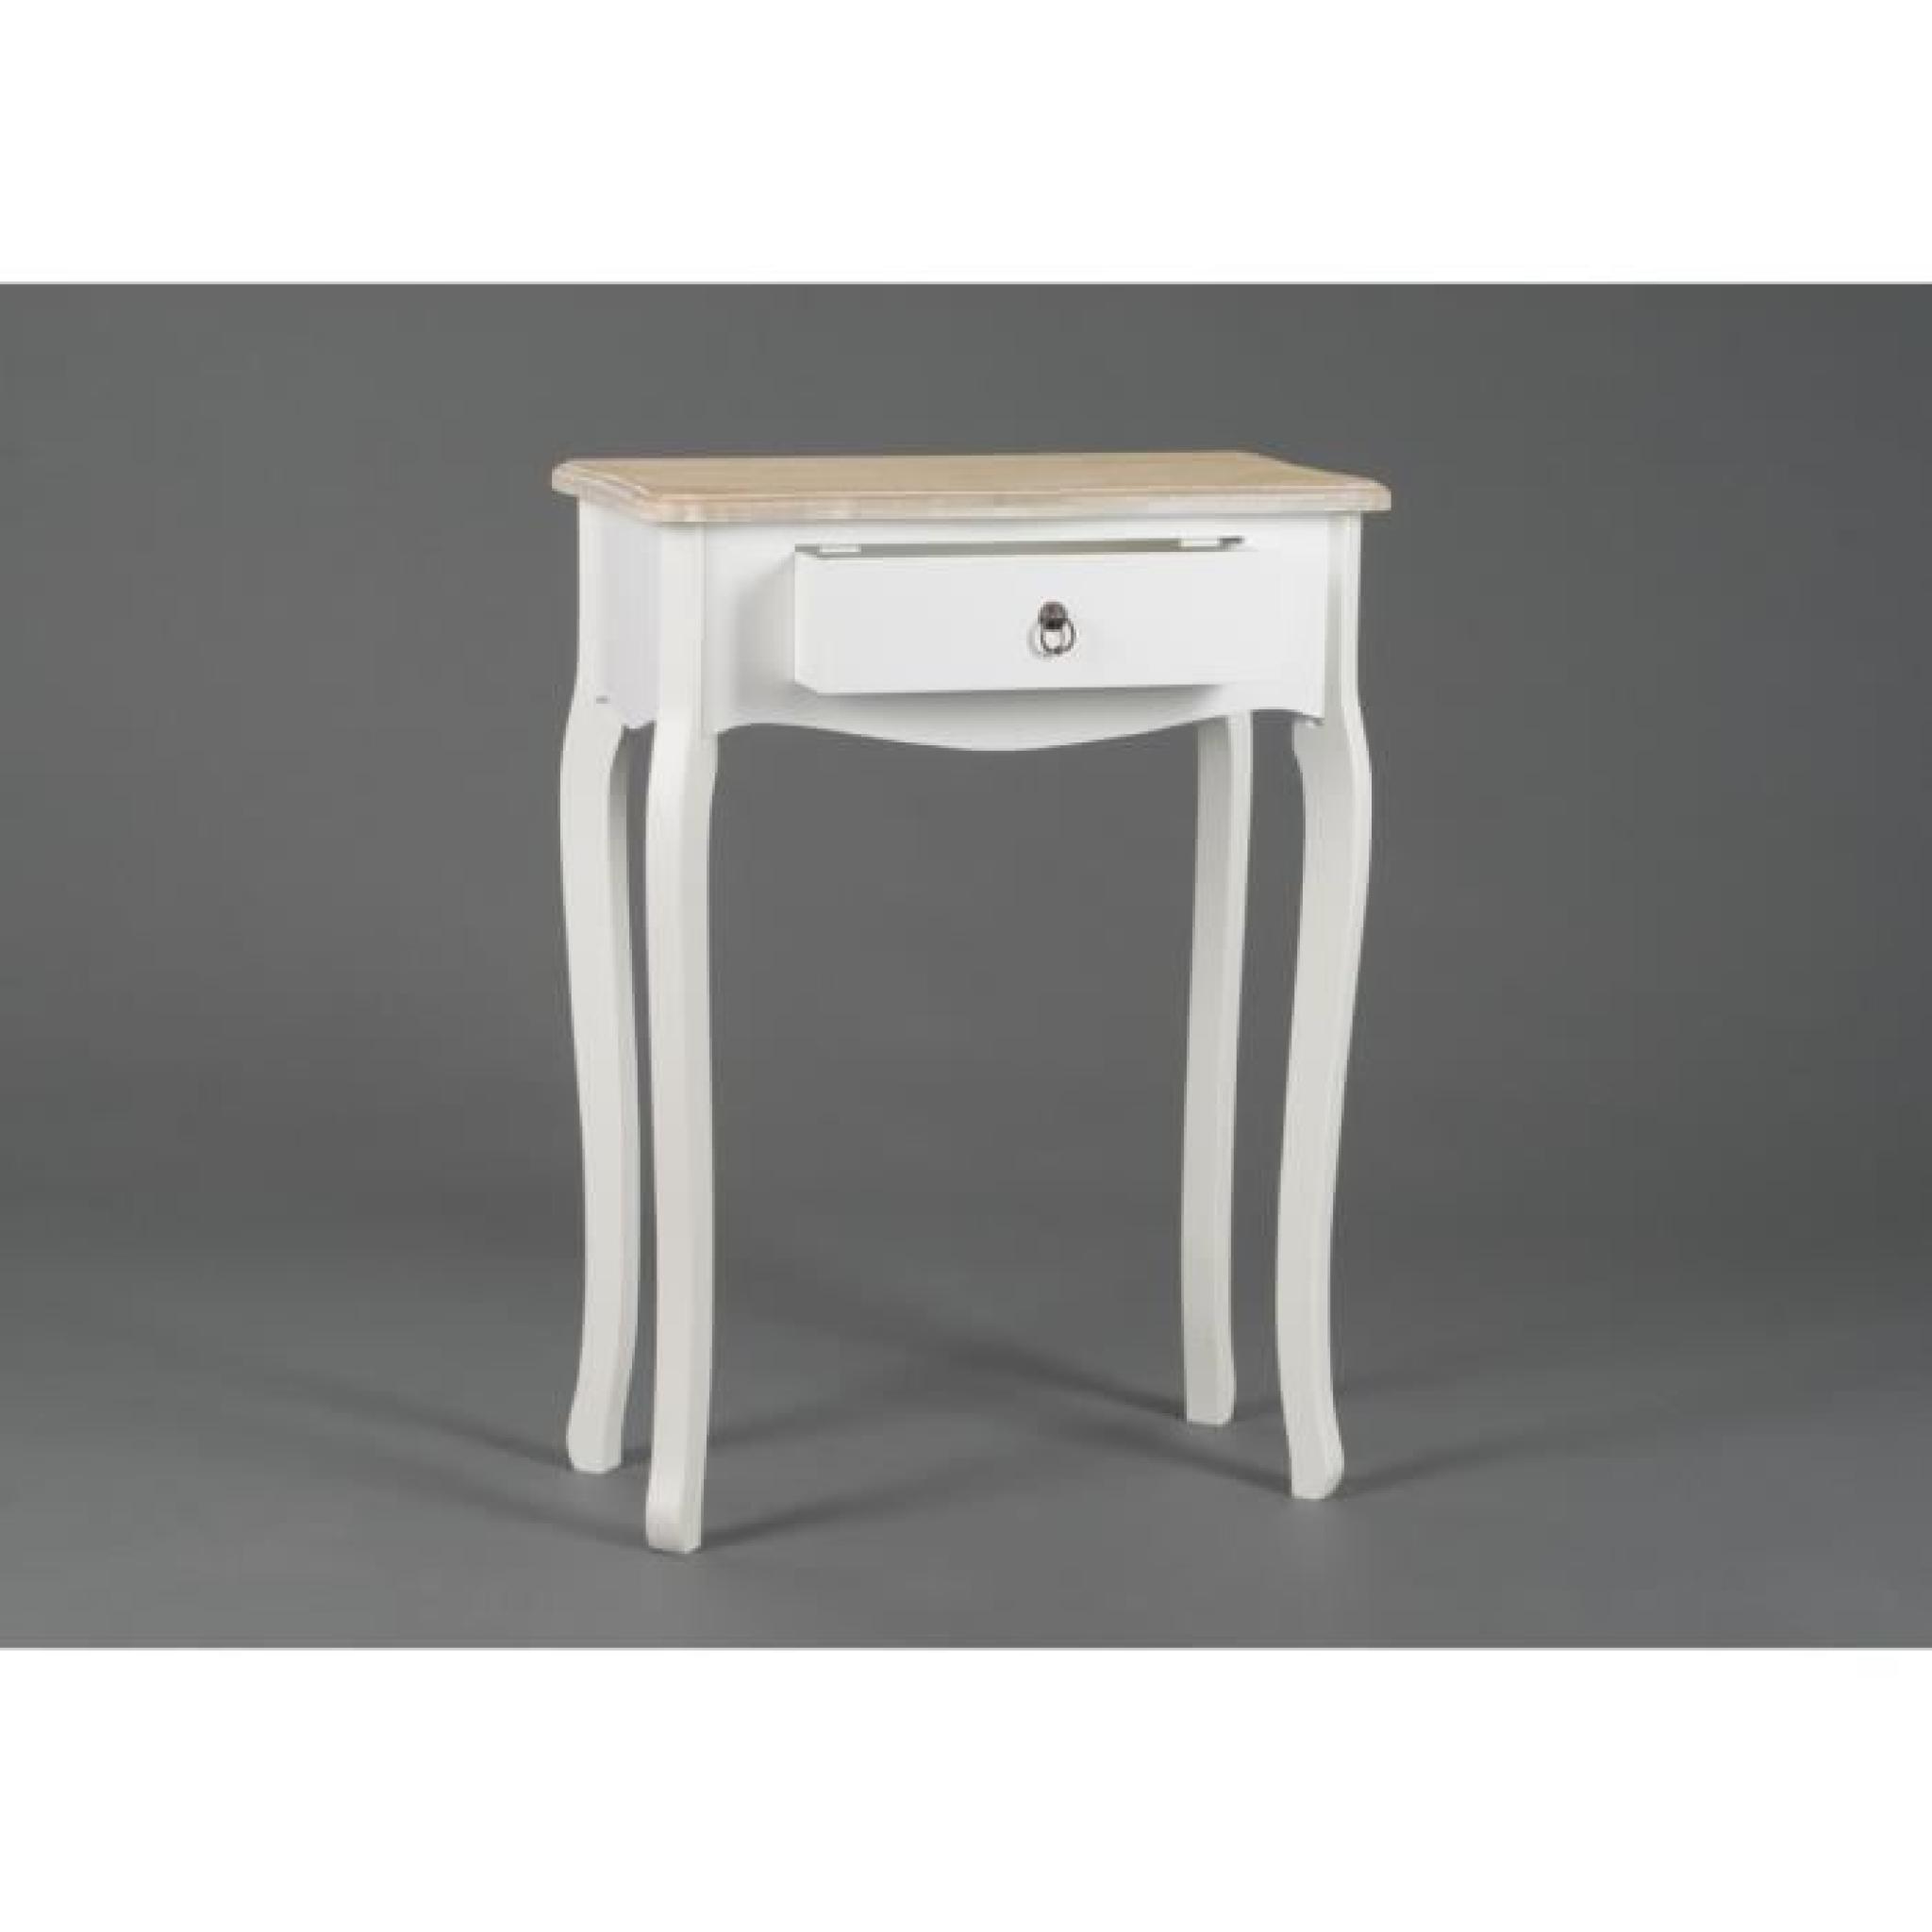 console entr e en bois lise achat vente console meuble pas cher couleur et. Black Bedroom Furniture Sets. Home Design Ideas